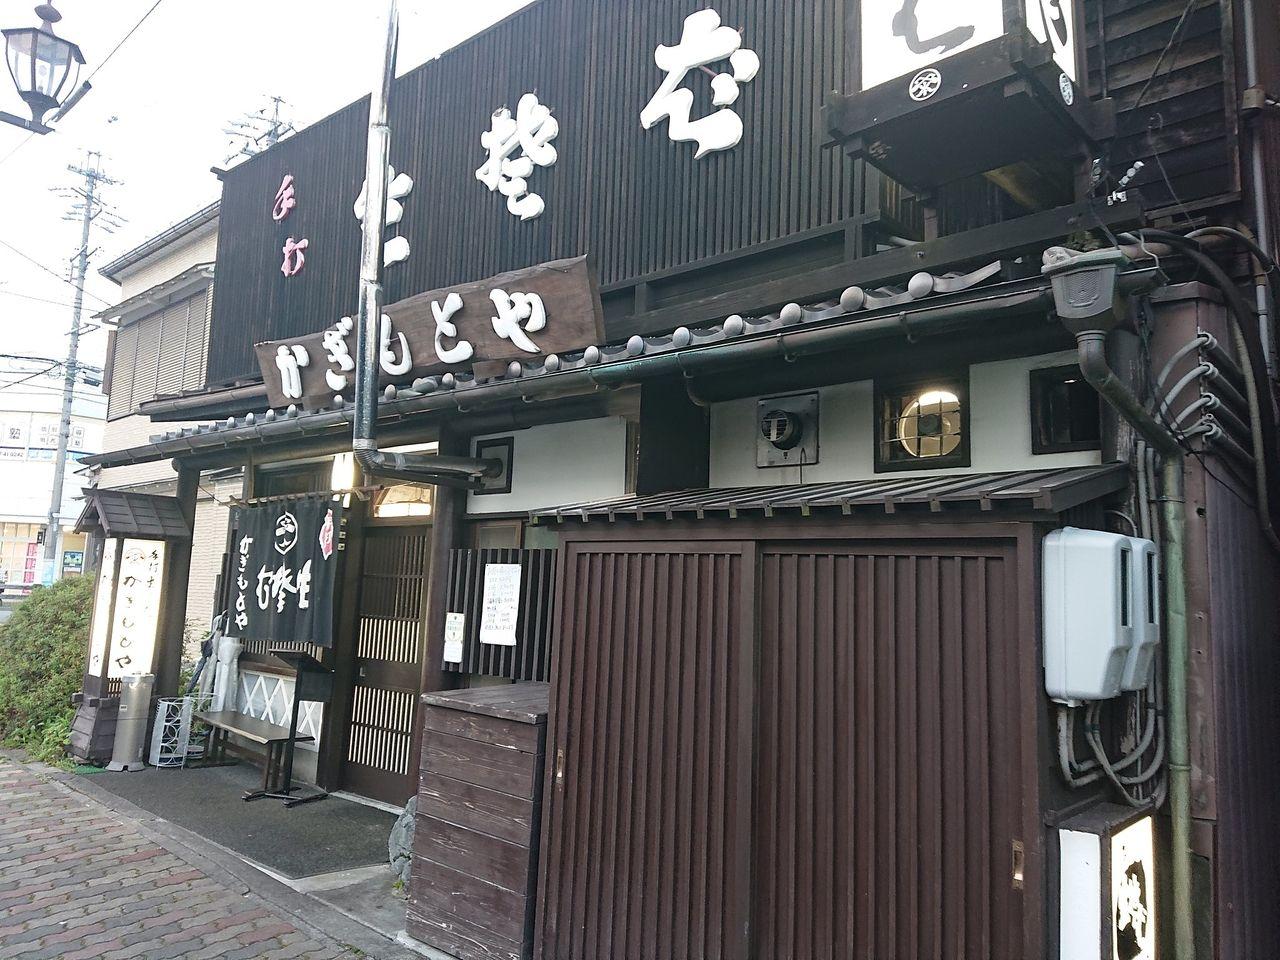 軽井沢グルメ 蕎麦「かぎもとや」 ランチ、ディナー